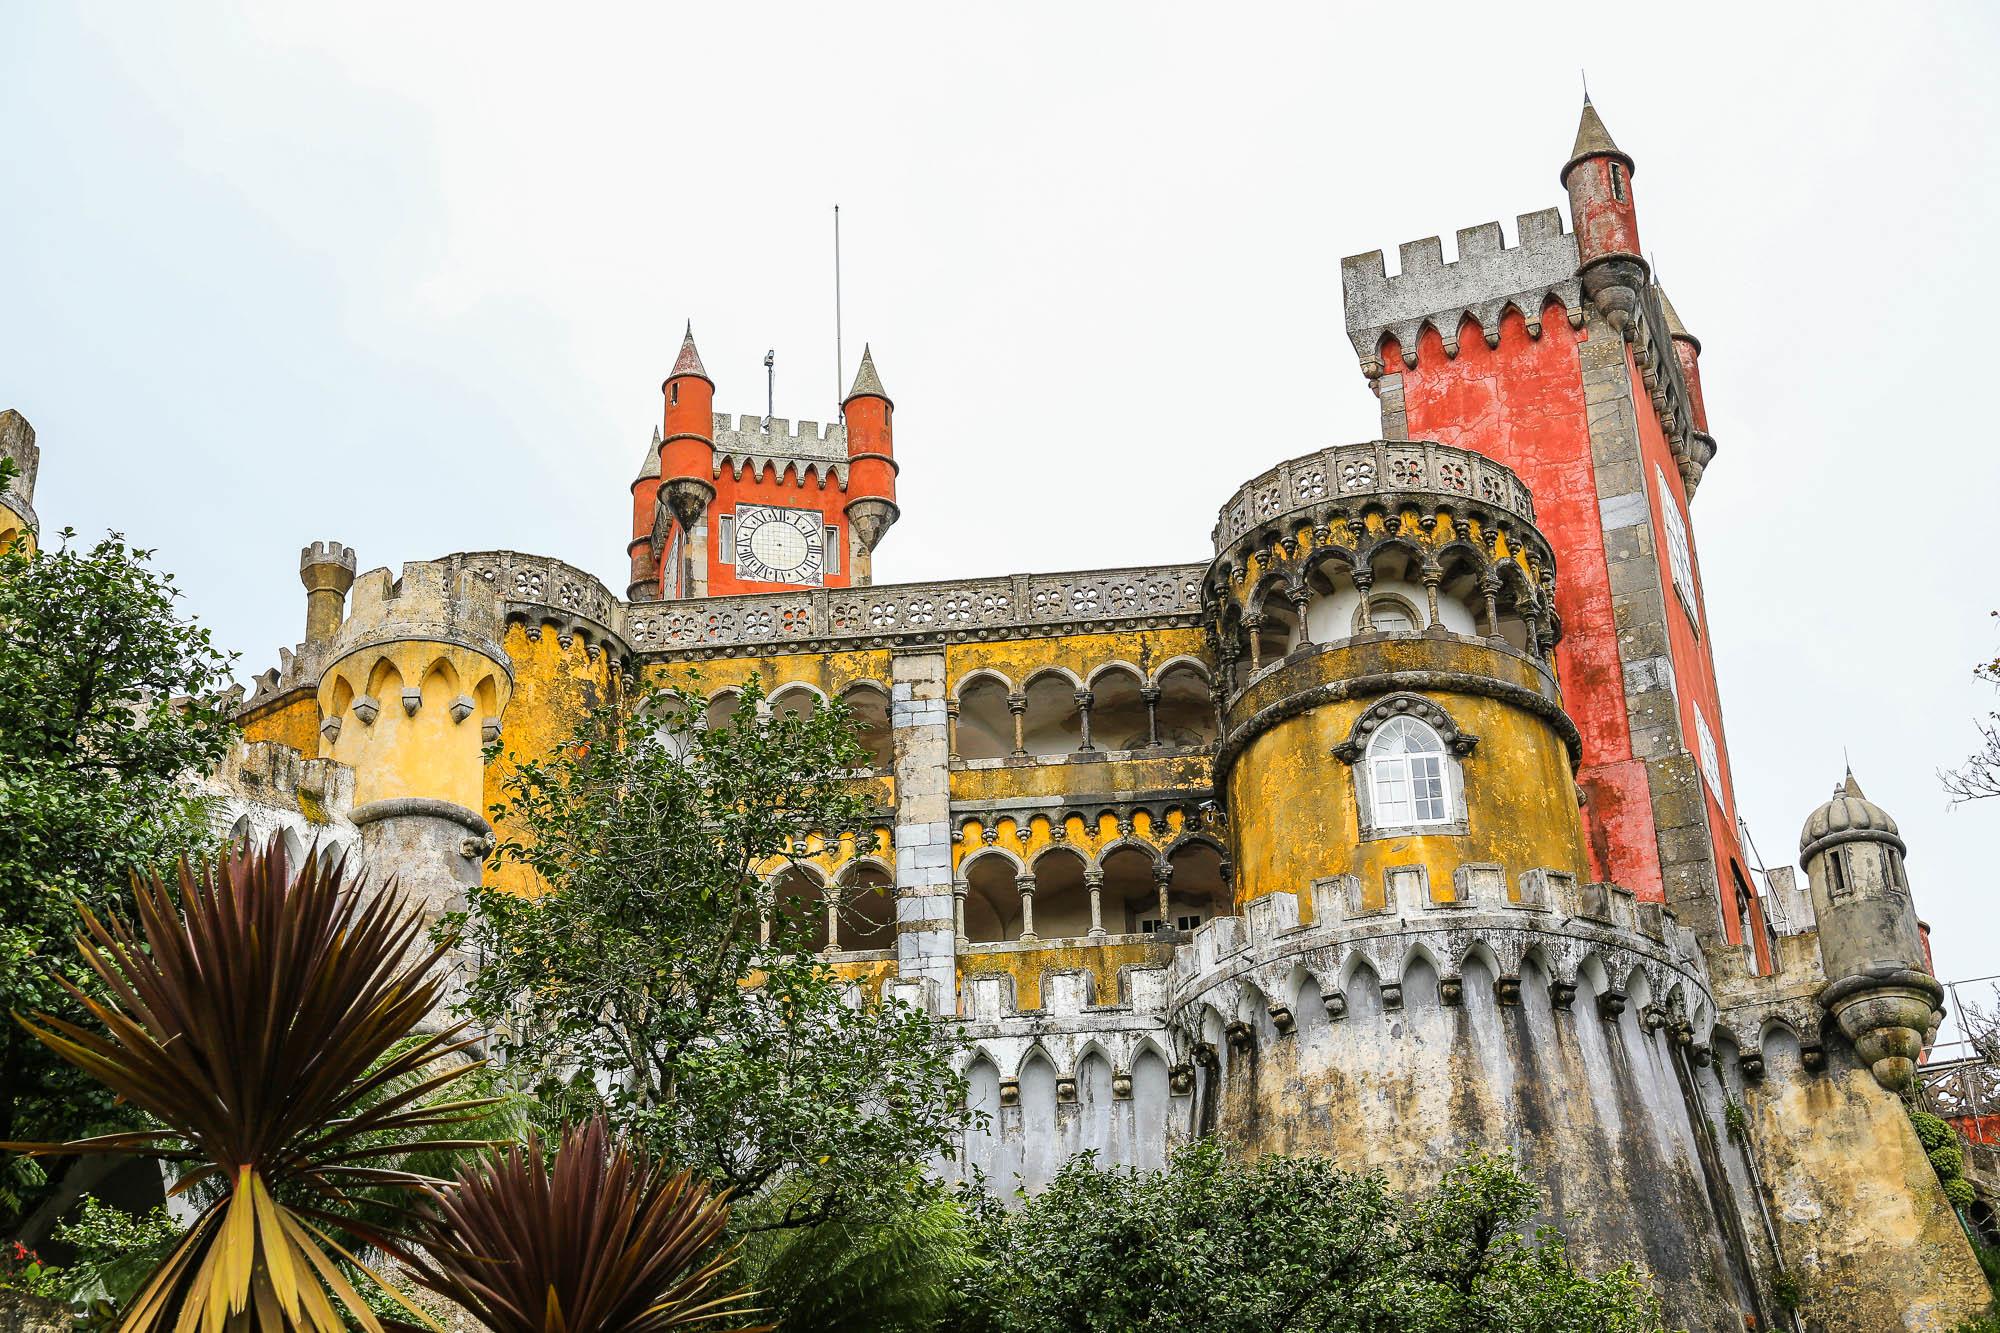 PORTUGAL-2012-jusmedic-#543